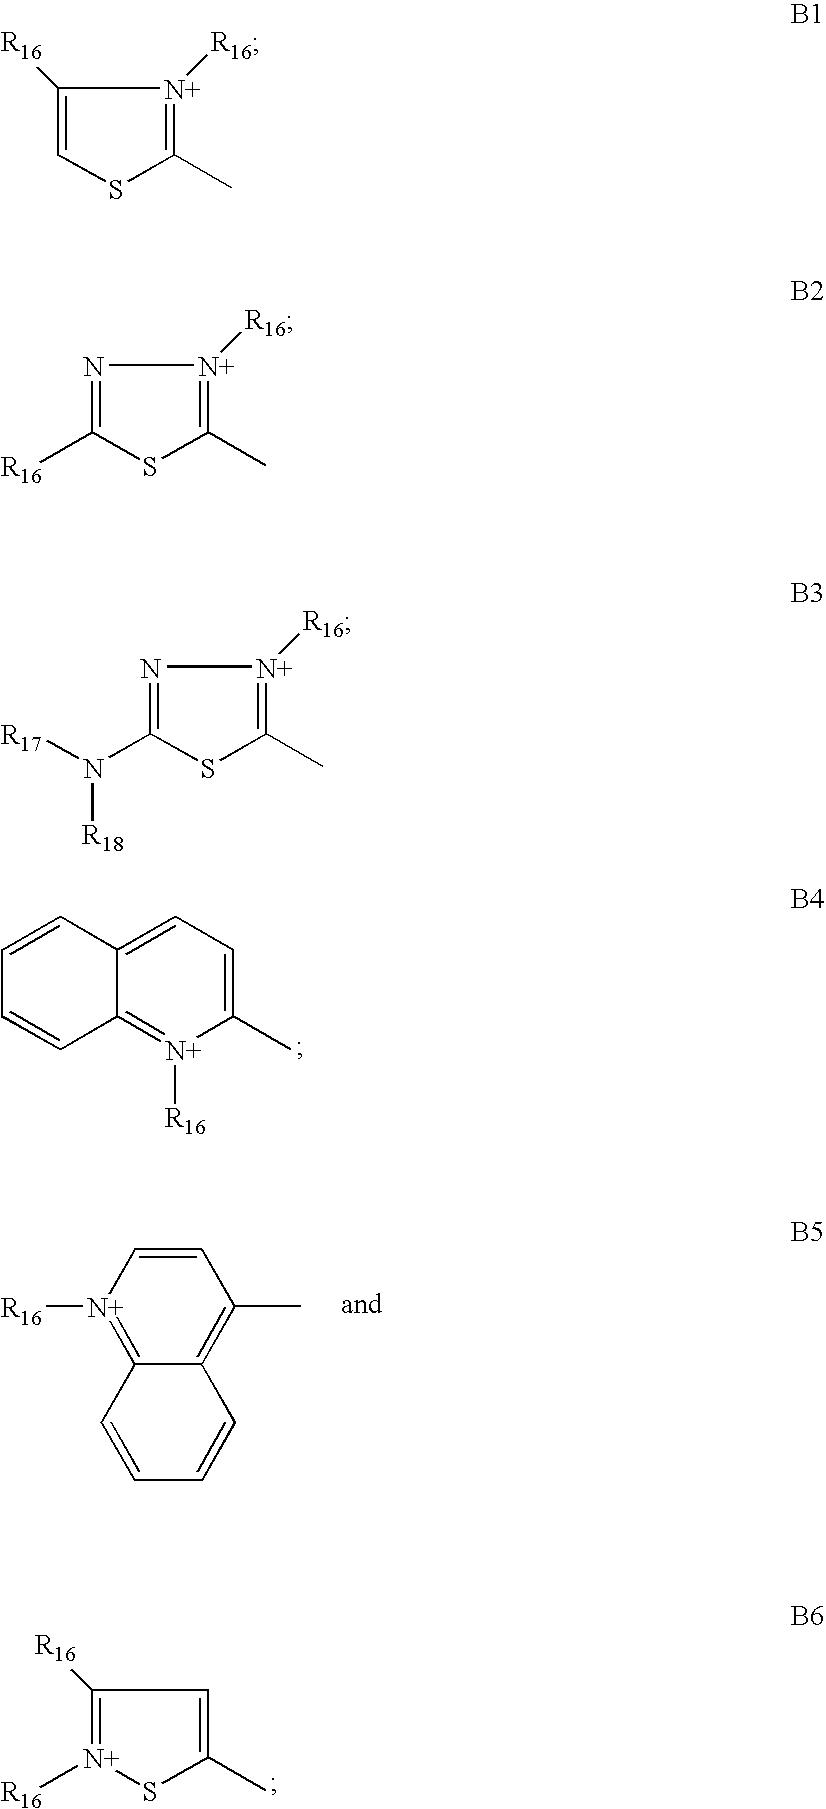 Figure US07582121-20090901-C00029